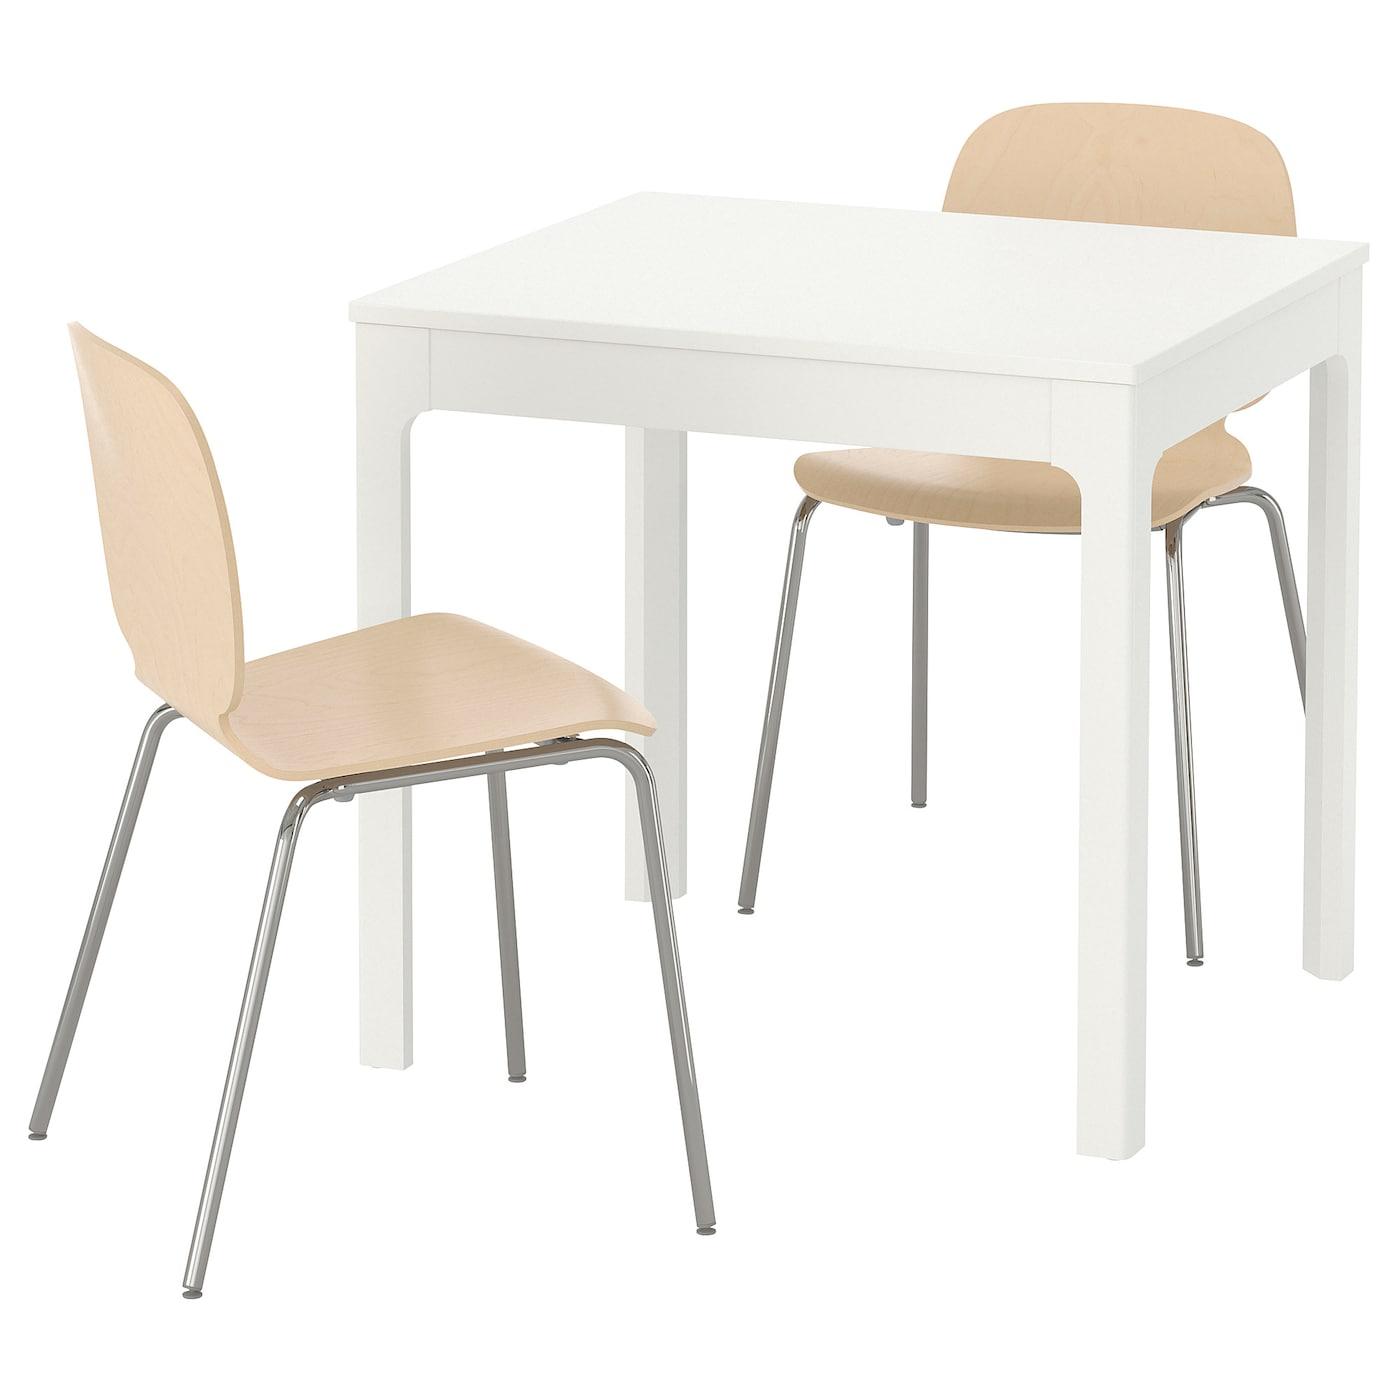 Conjuntos de comedor para 2 personas mesas y sillas compra online ikea - Silla ekedalen ikea ...